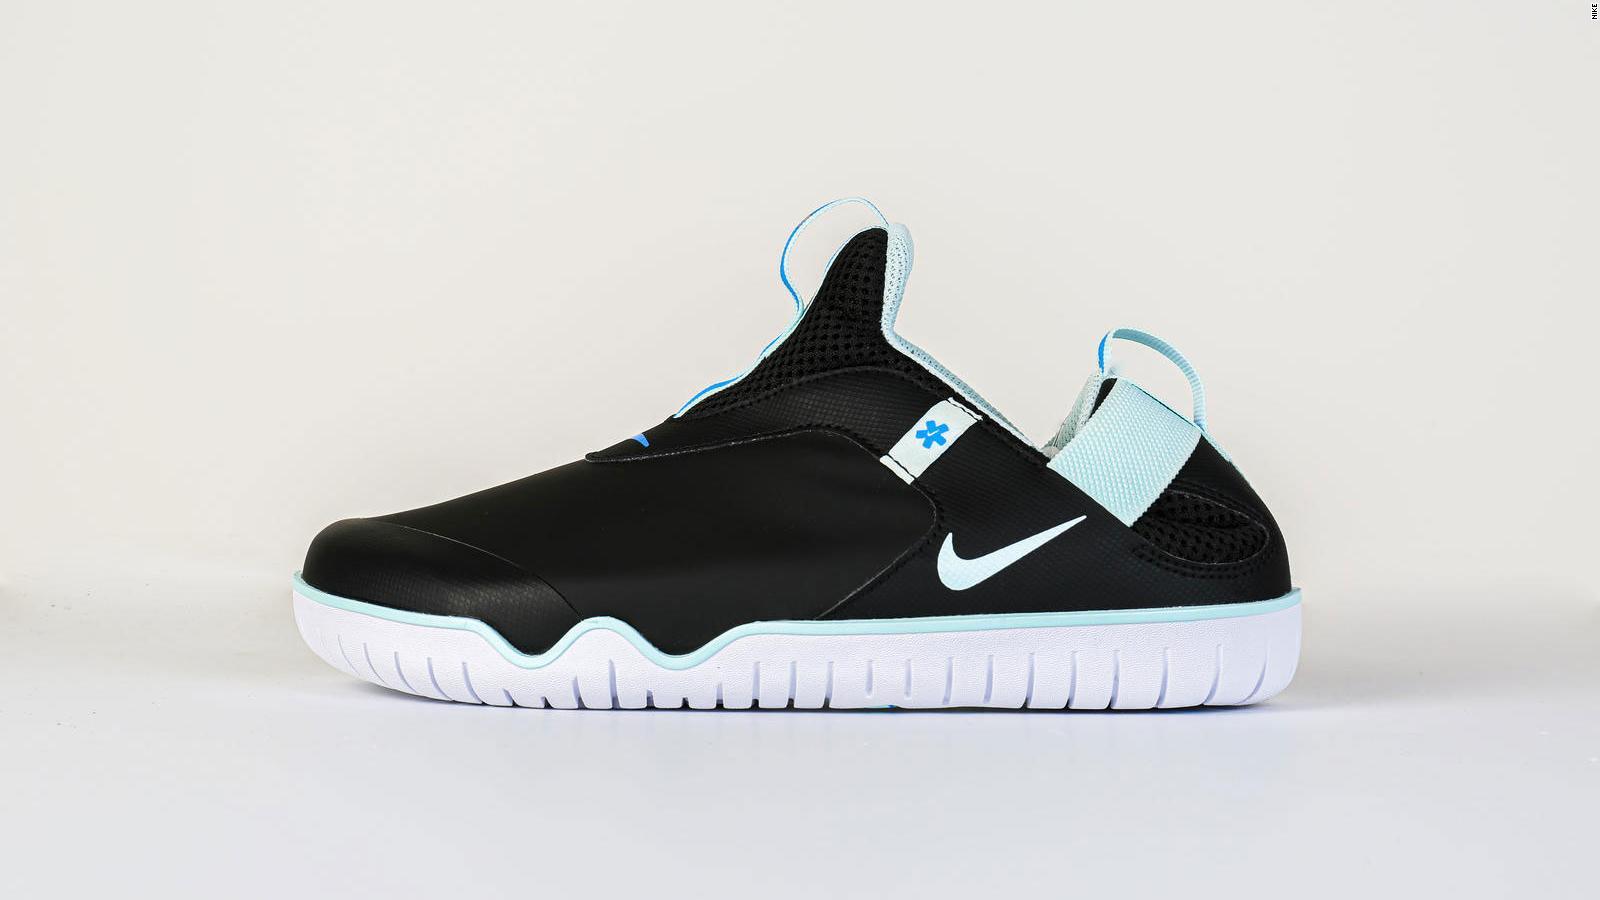 Nota lotería Relámpago  Las nuevas zapatillas de Nike no son para deportistas | Video | CNN